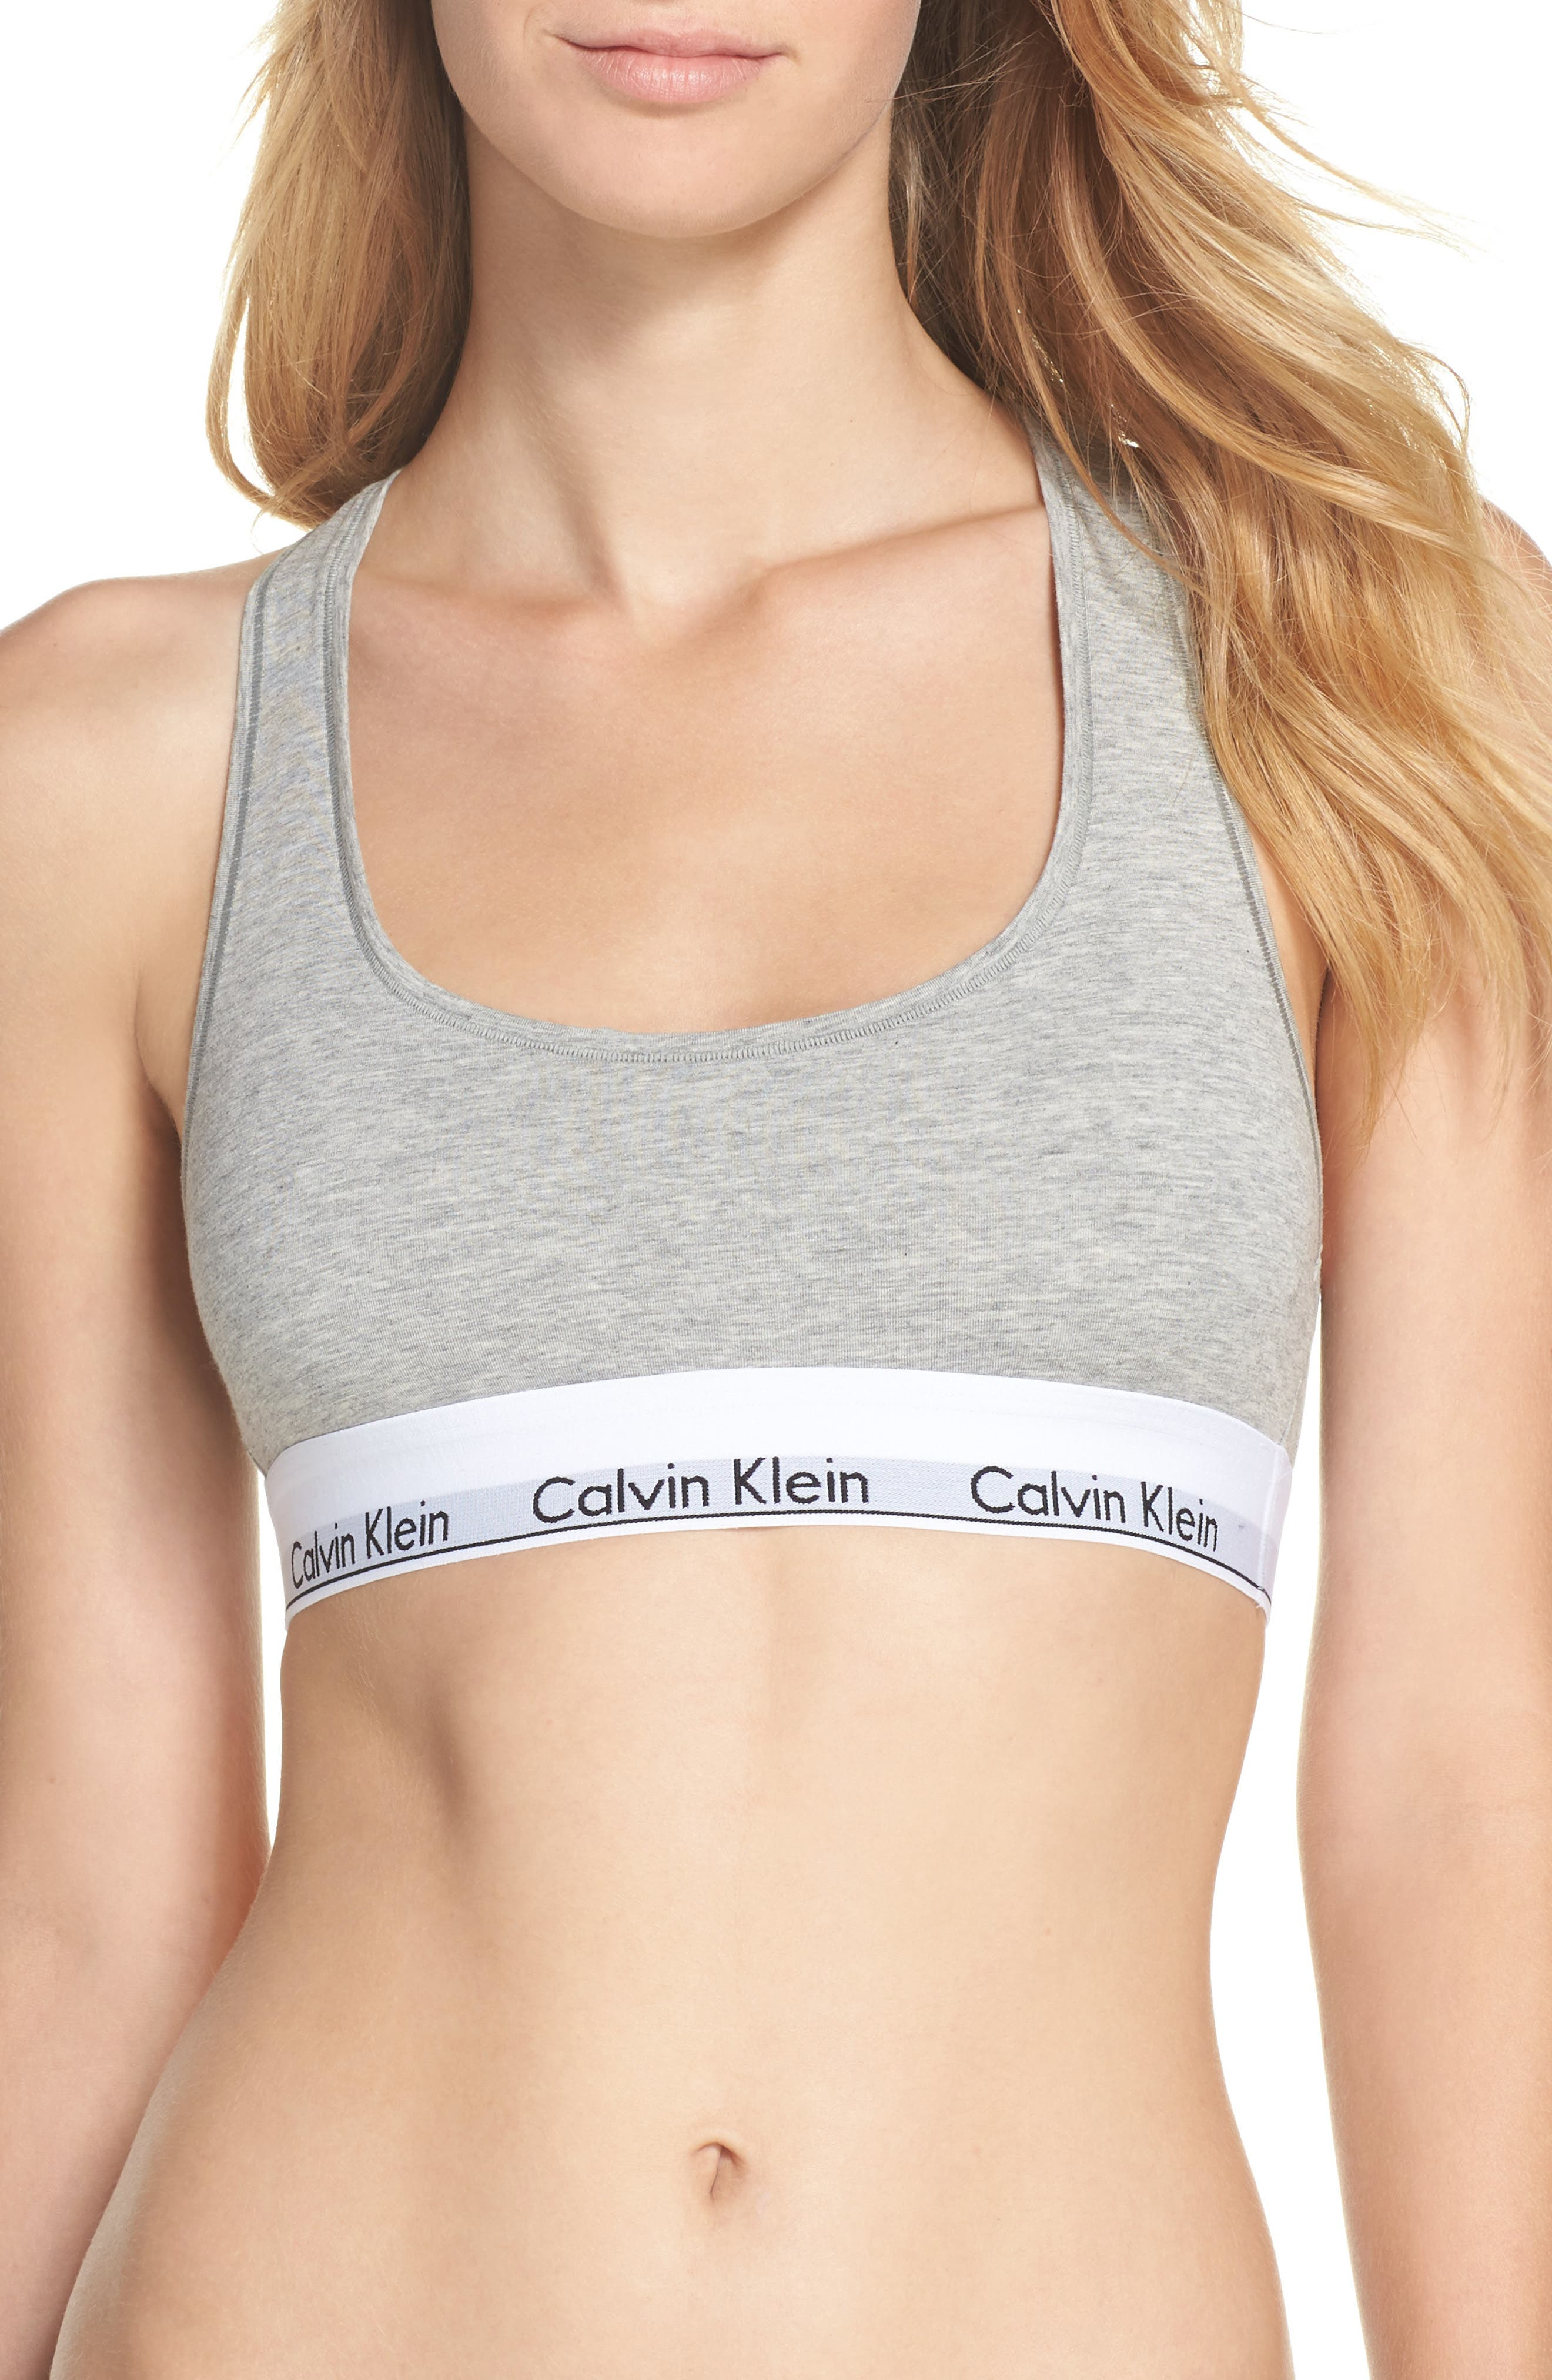 Calvin Klein Womens Lingerie Bras Panties Nordstrom